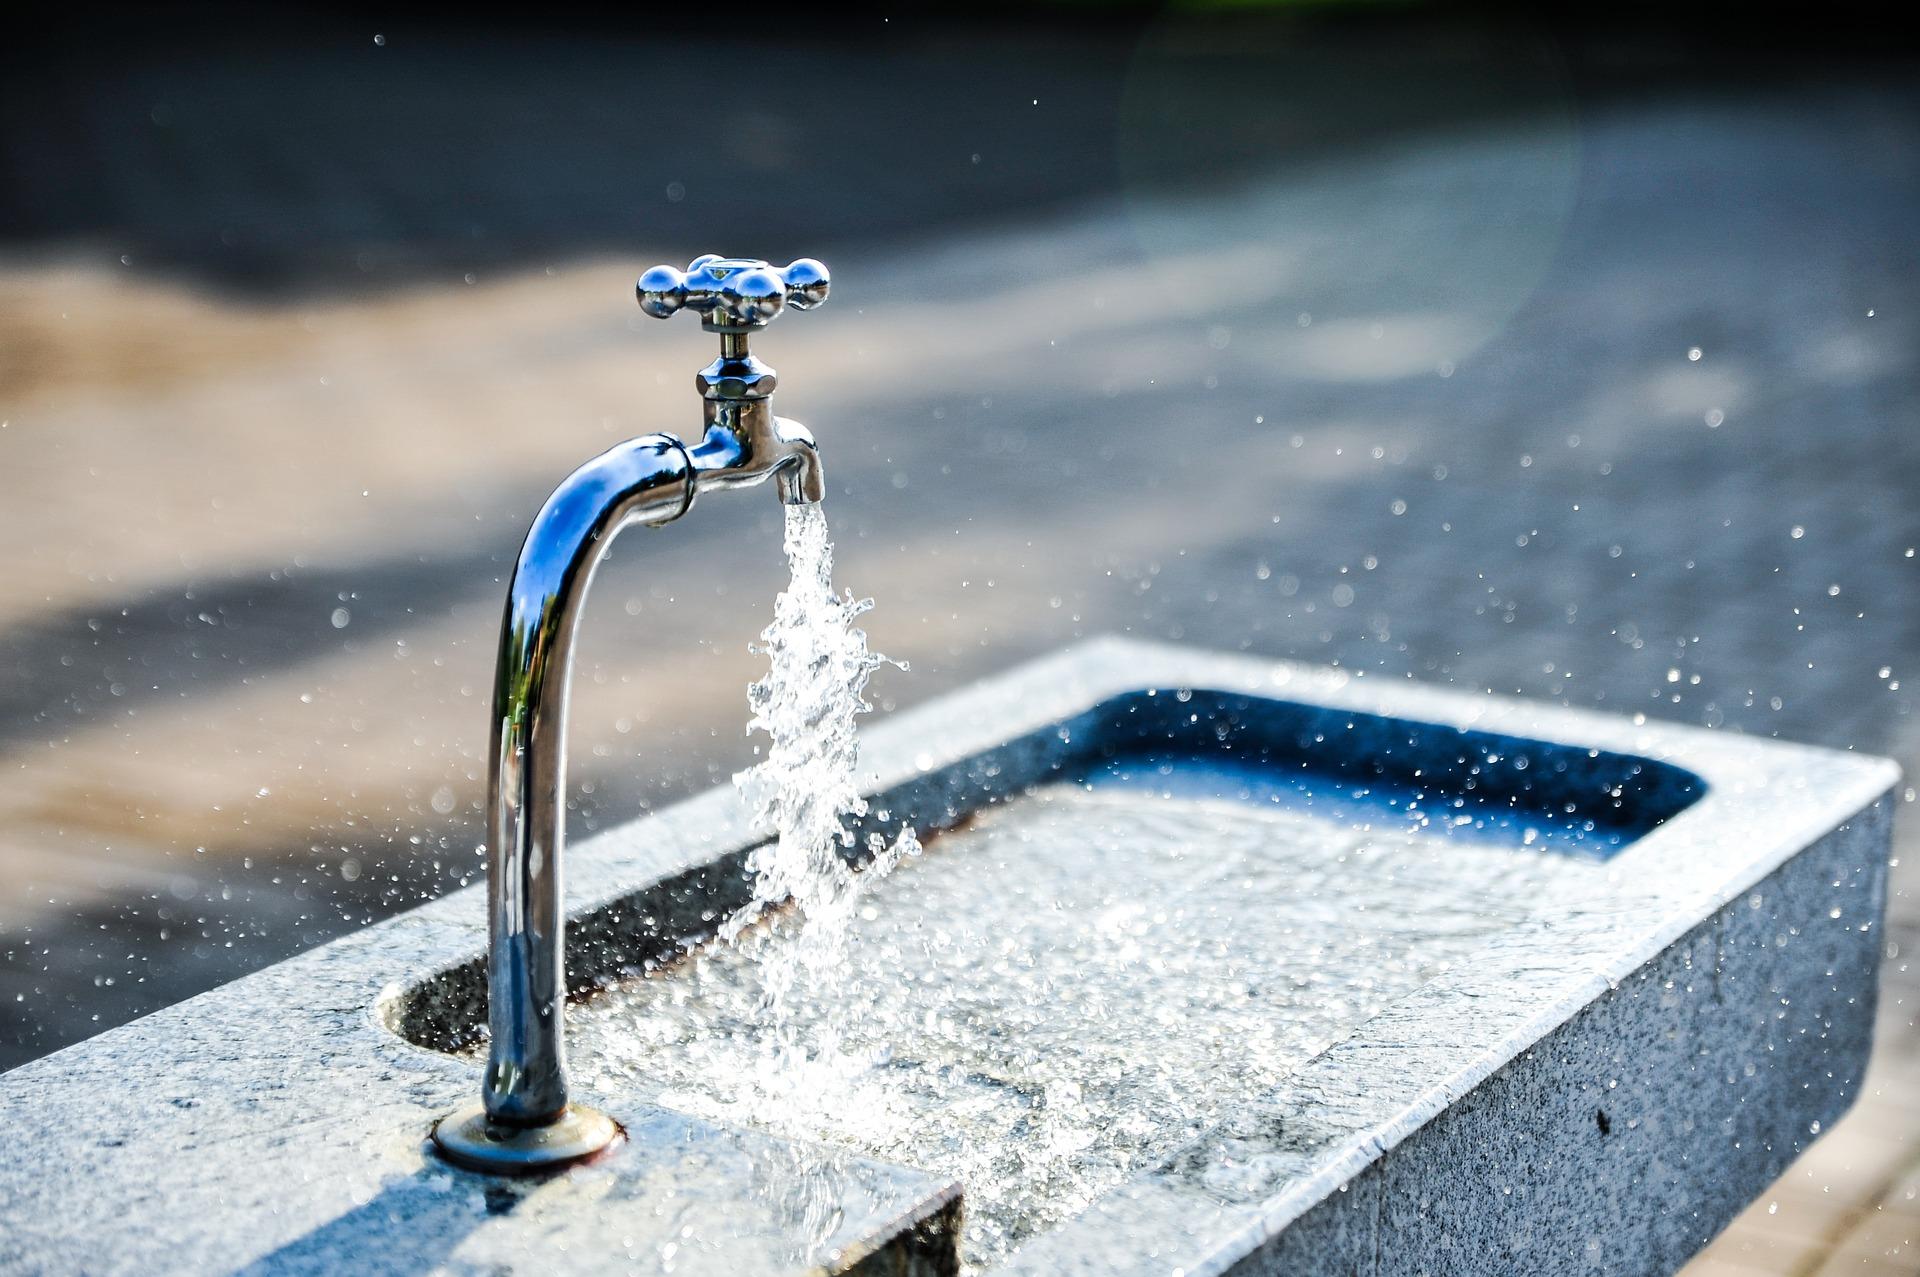 Corte de auga na avenida de Arteixo